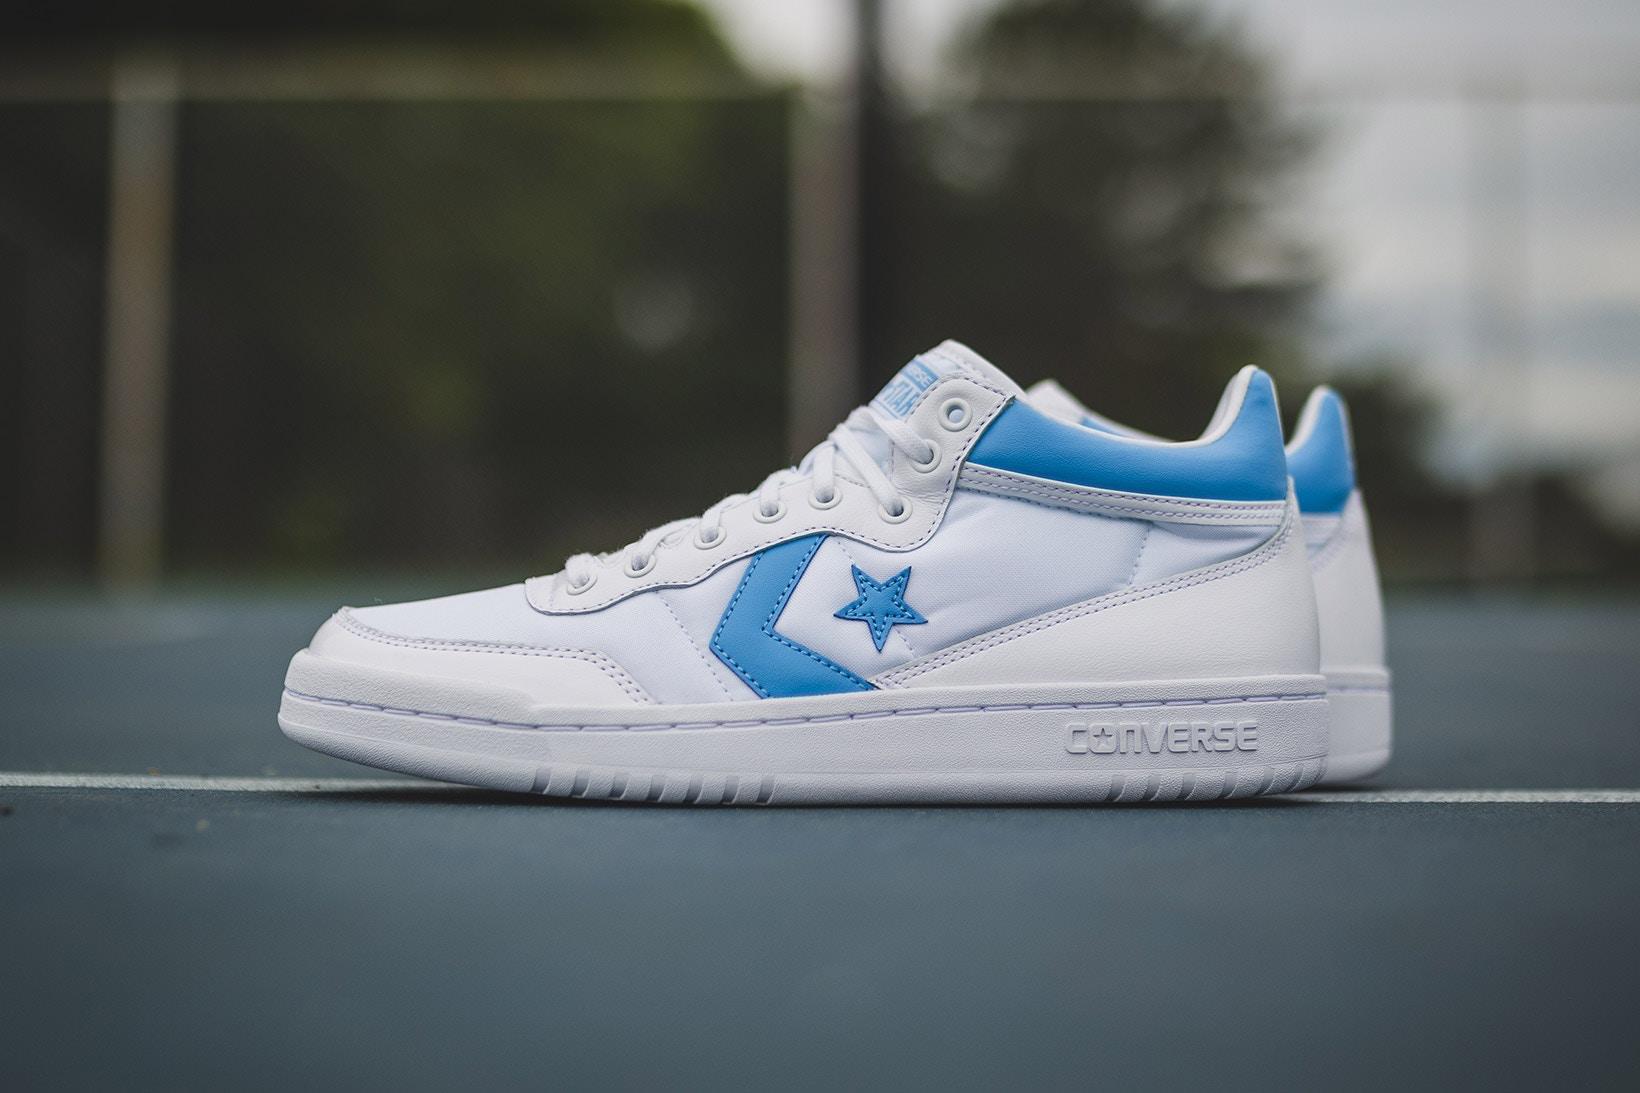 Hé lộ những mẫu sneaker rực rỡ mới ra mắt trung tuần tháng 6 - Ảnh 6.